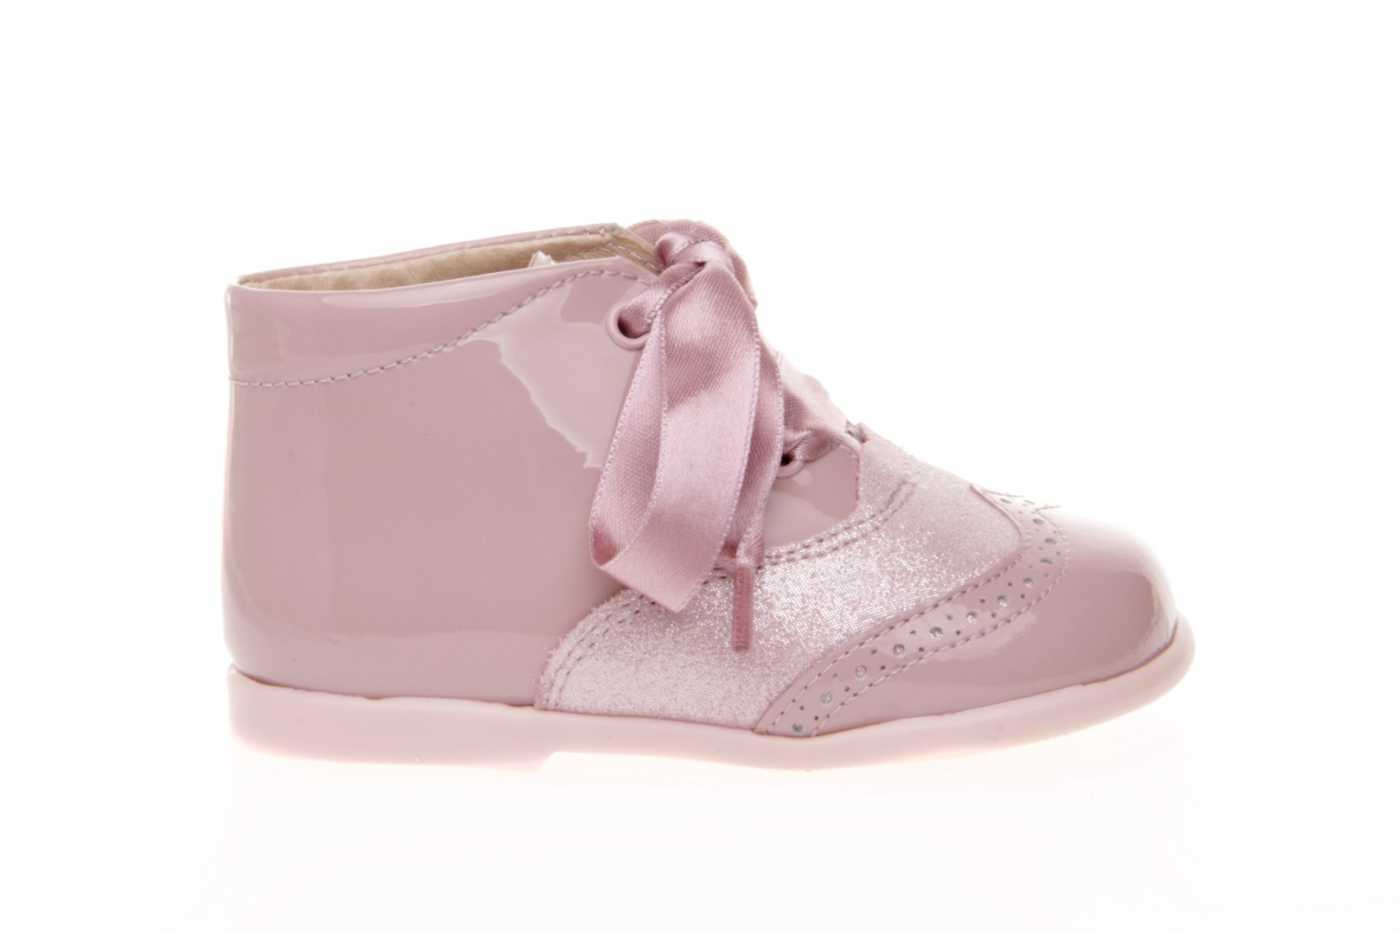 a034b17fb Comprar zapato tipo PREANDANTE NIÑO estilo BOTAS COLOR ROSA CHAROL ...